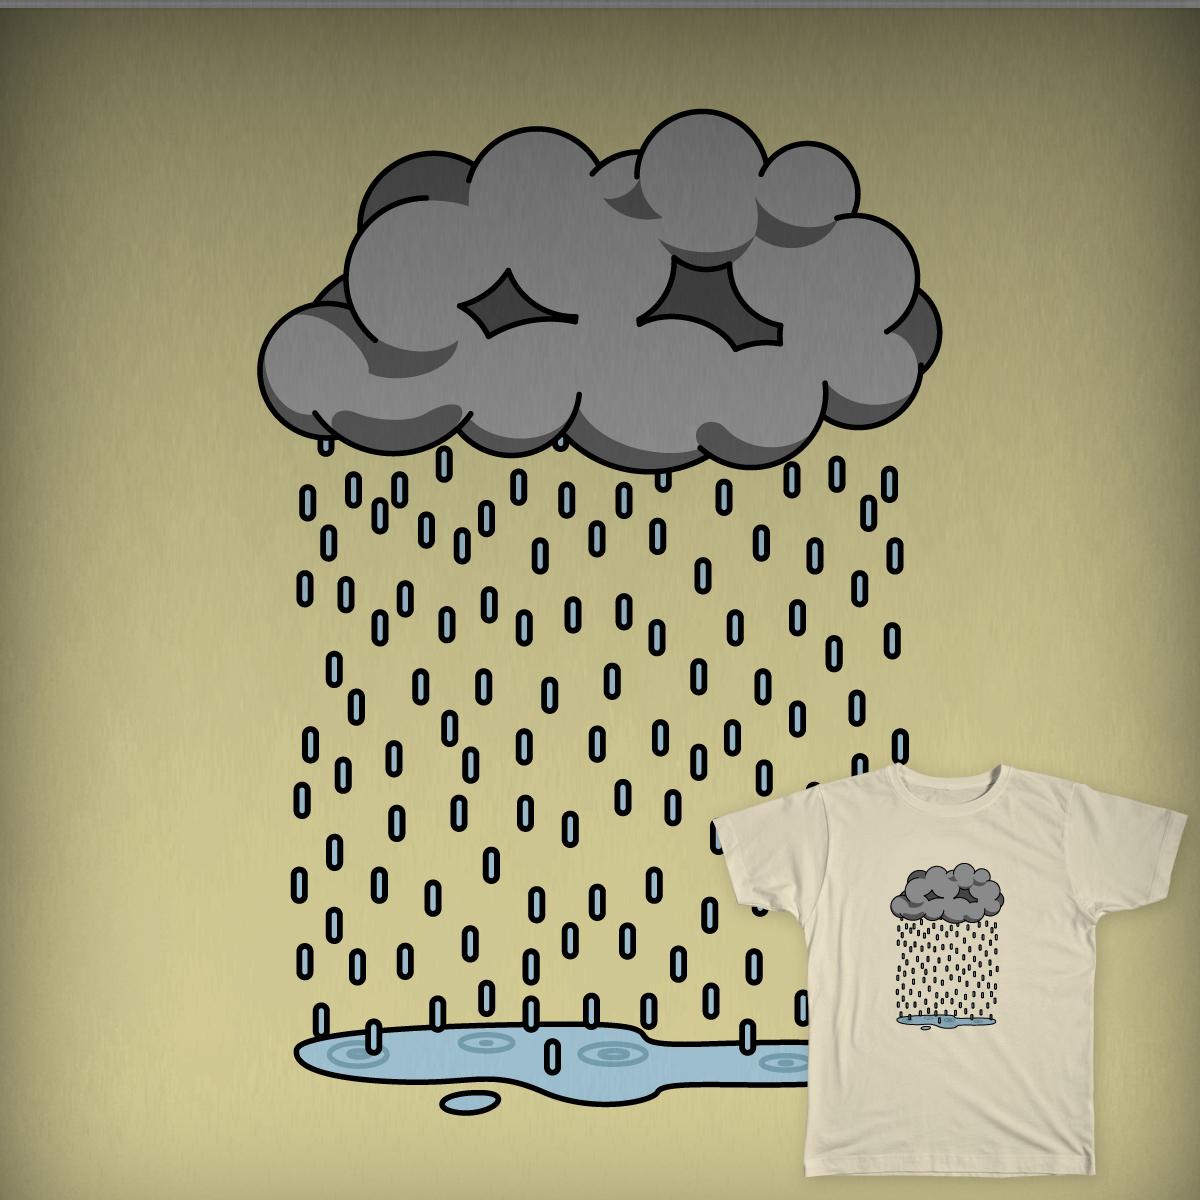 Cloud by callaghanl on Threadless